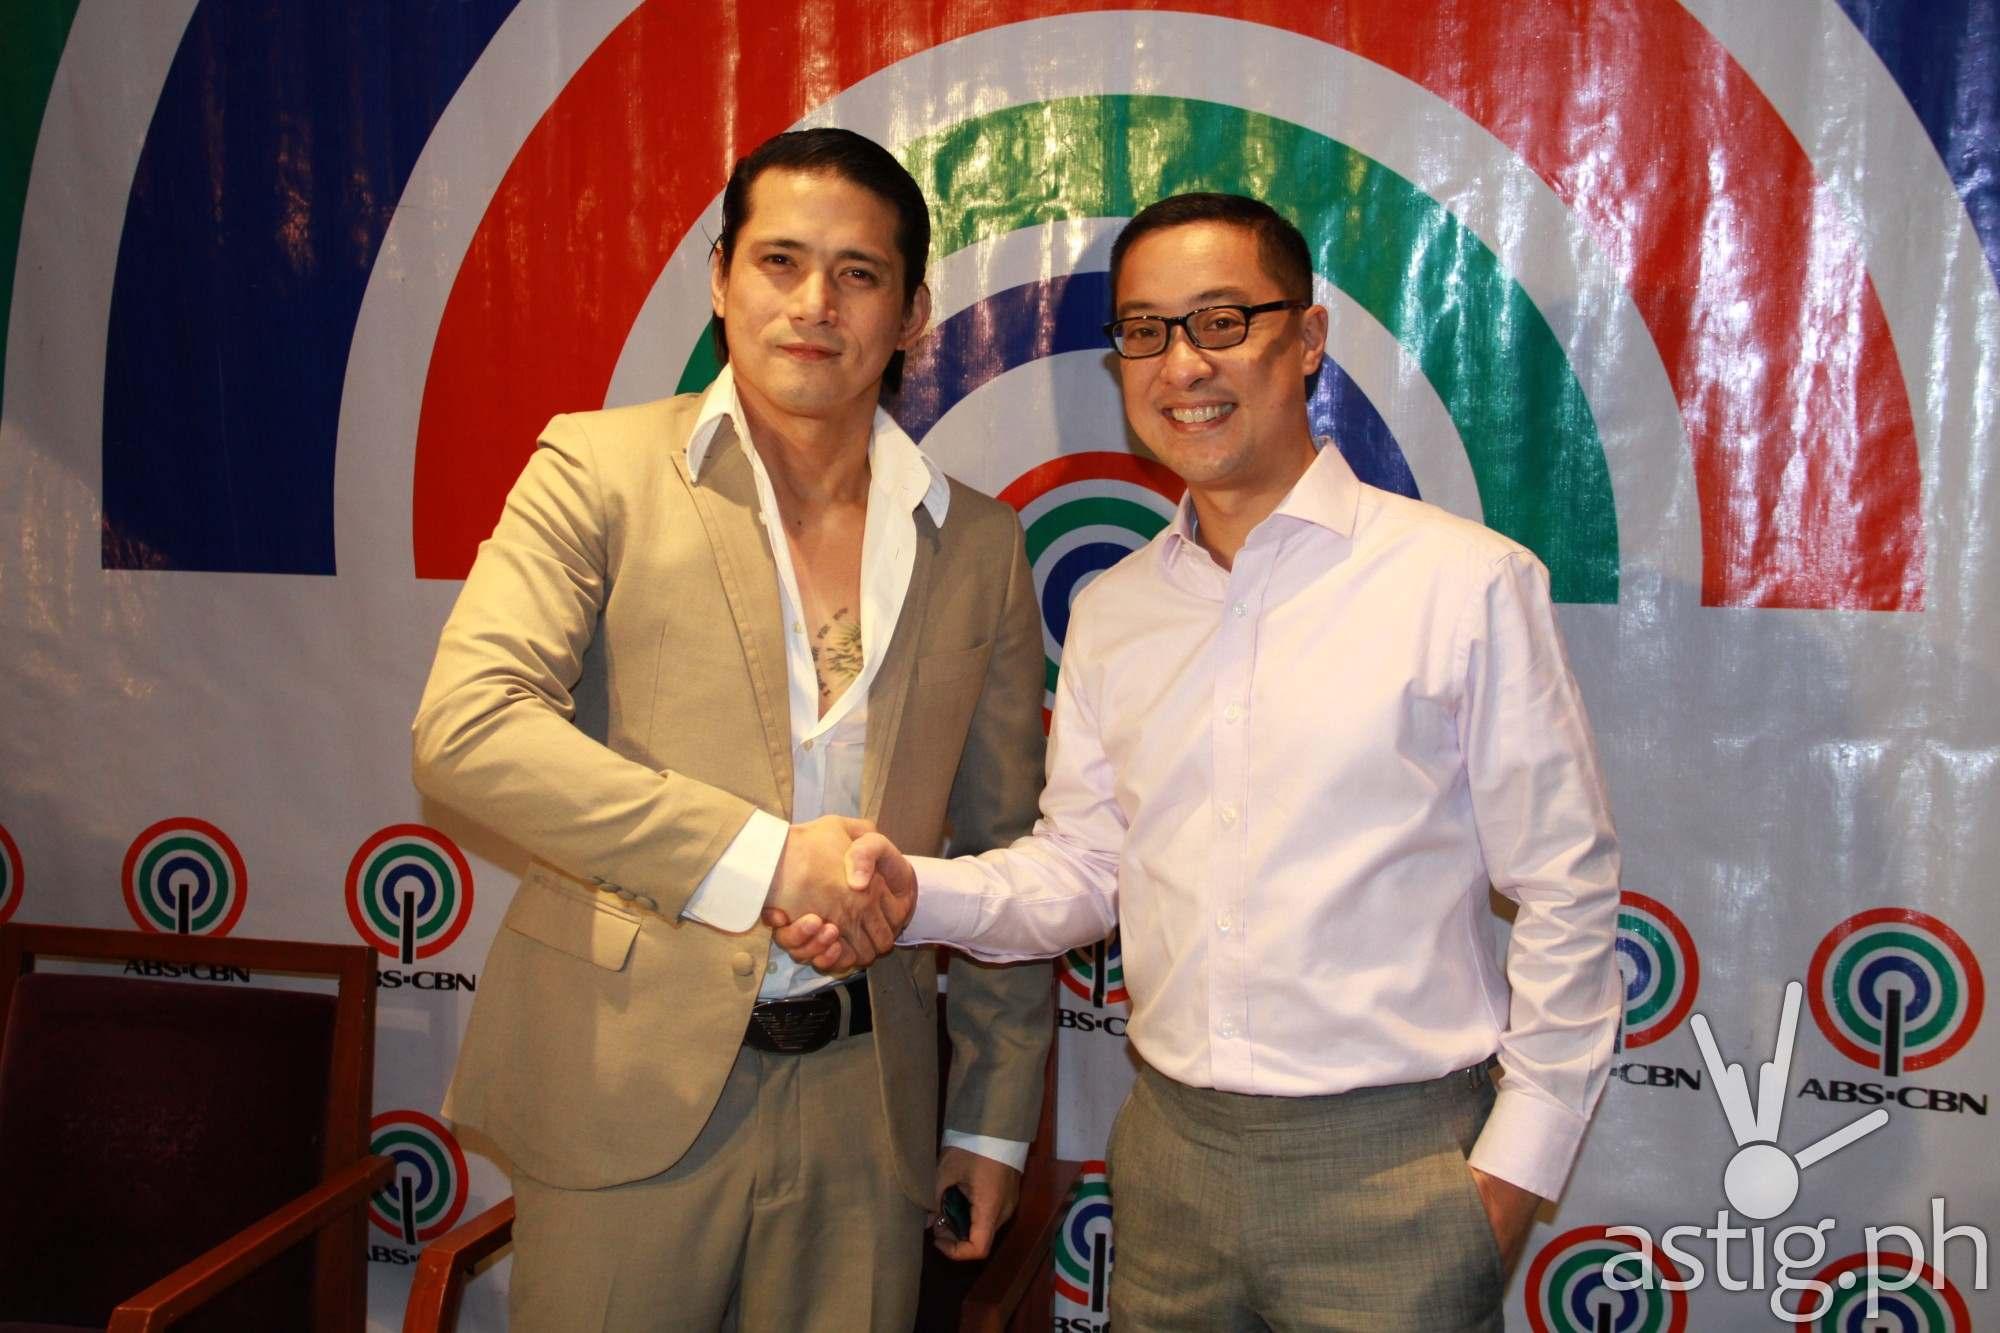 Robin Padilla and ABS-CBN chief operating officer Carlo Katigbak